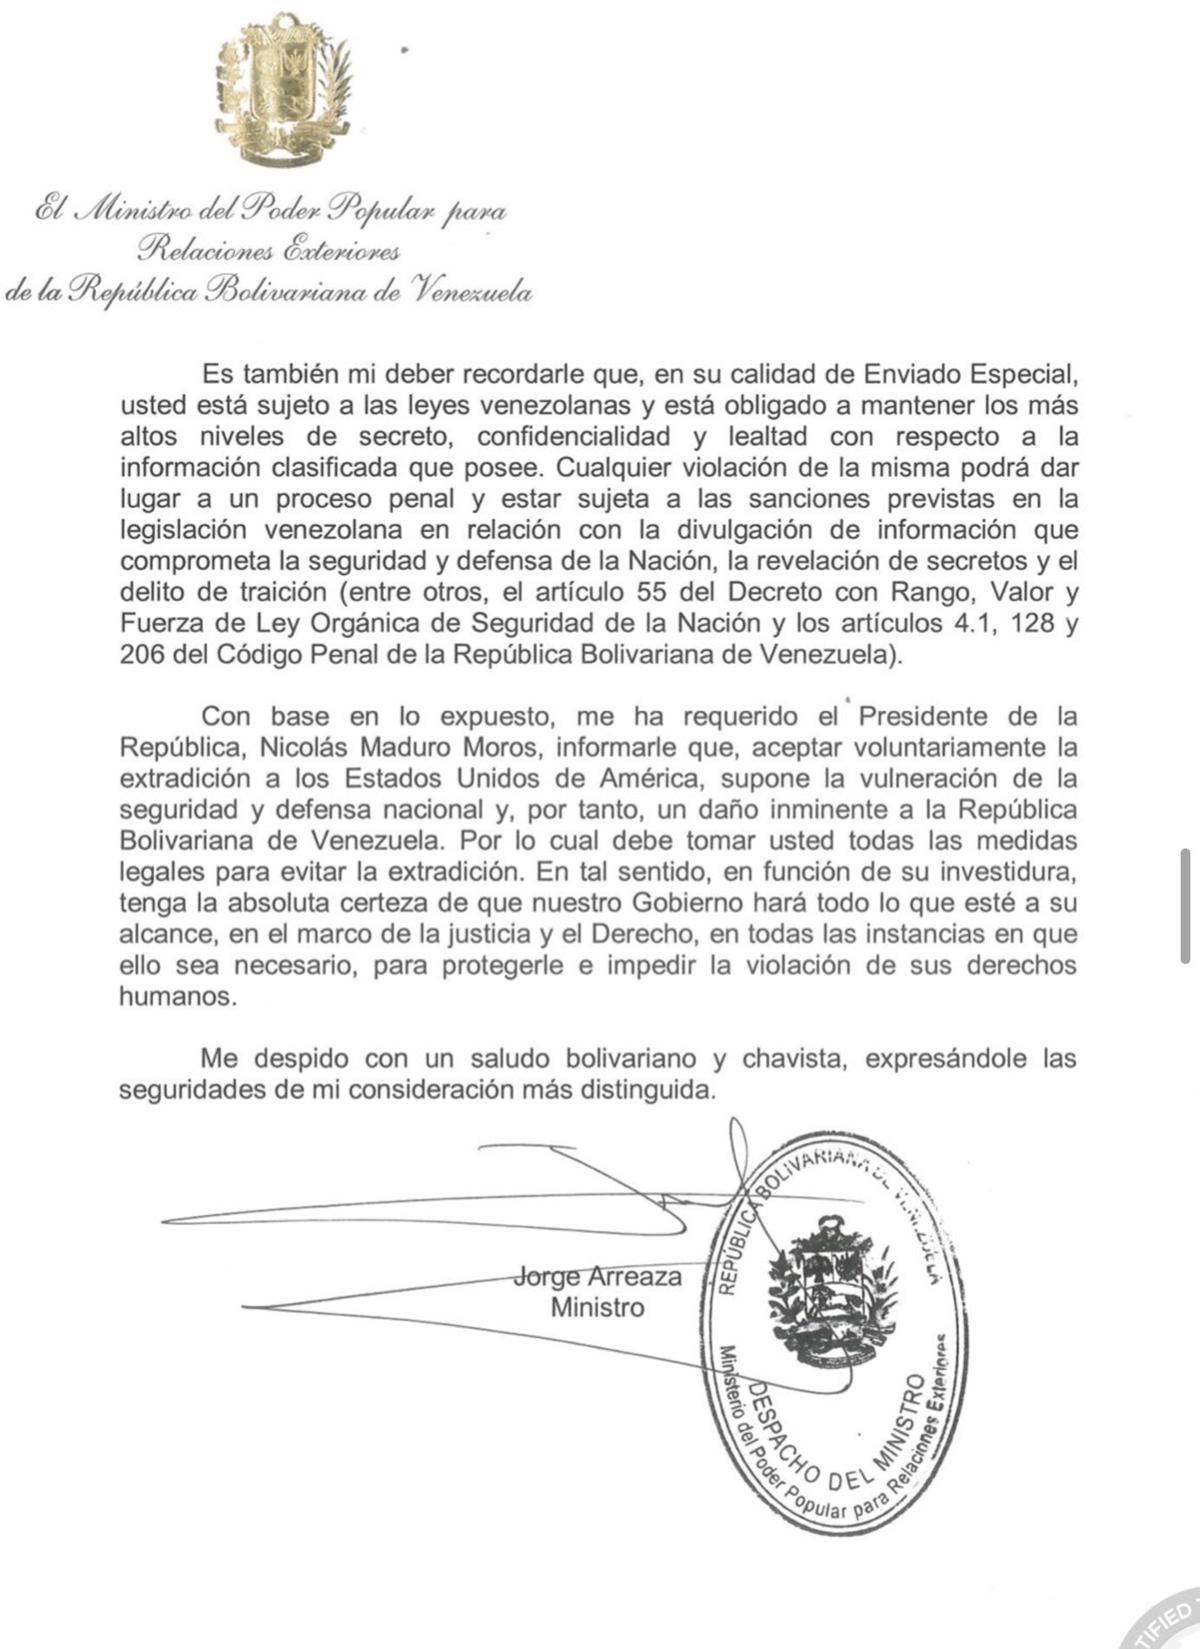 Carta del régimen confirma que Alex Saab posee información clasificada sobre Venezuela 2